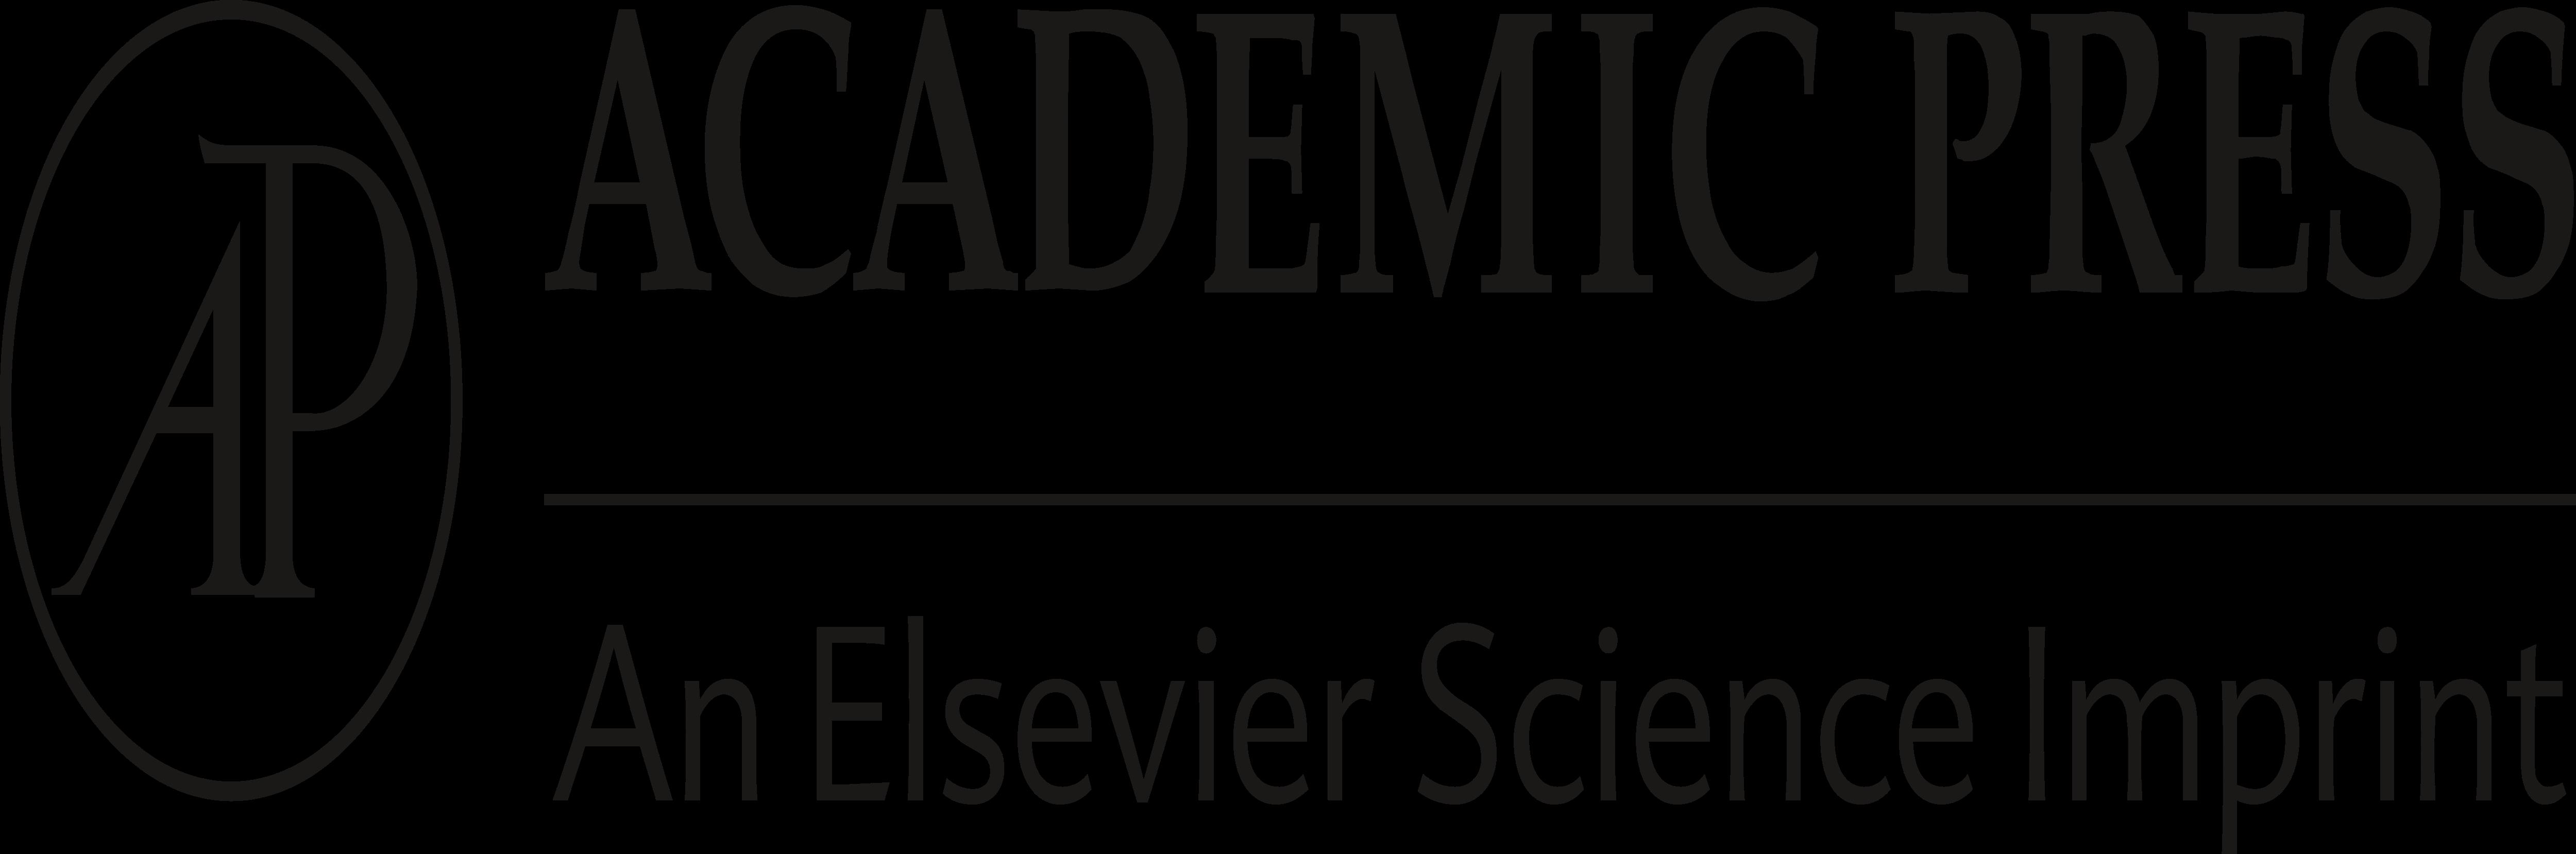 Academic Press